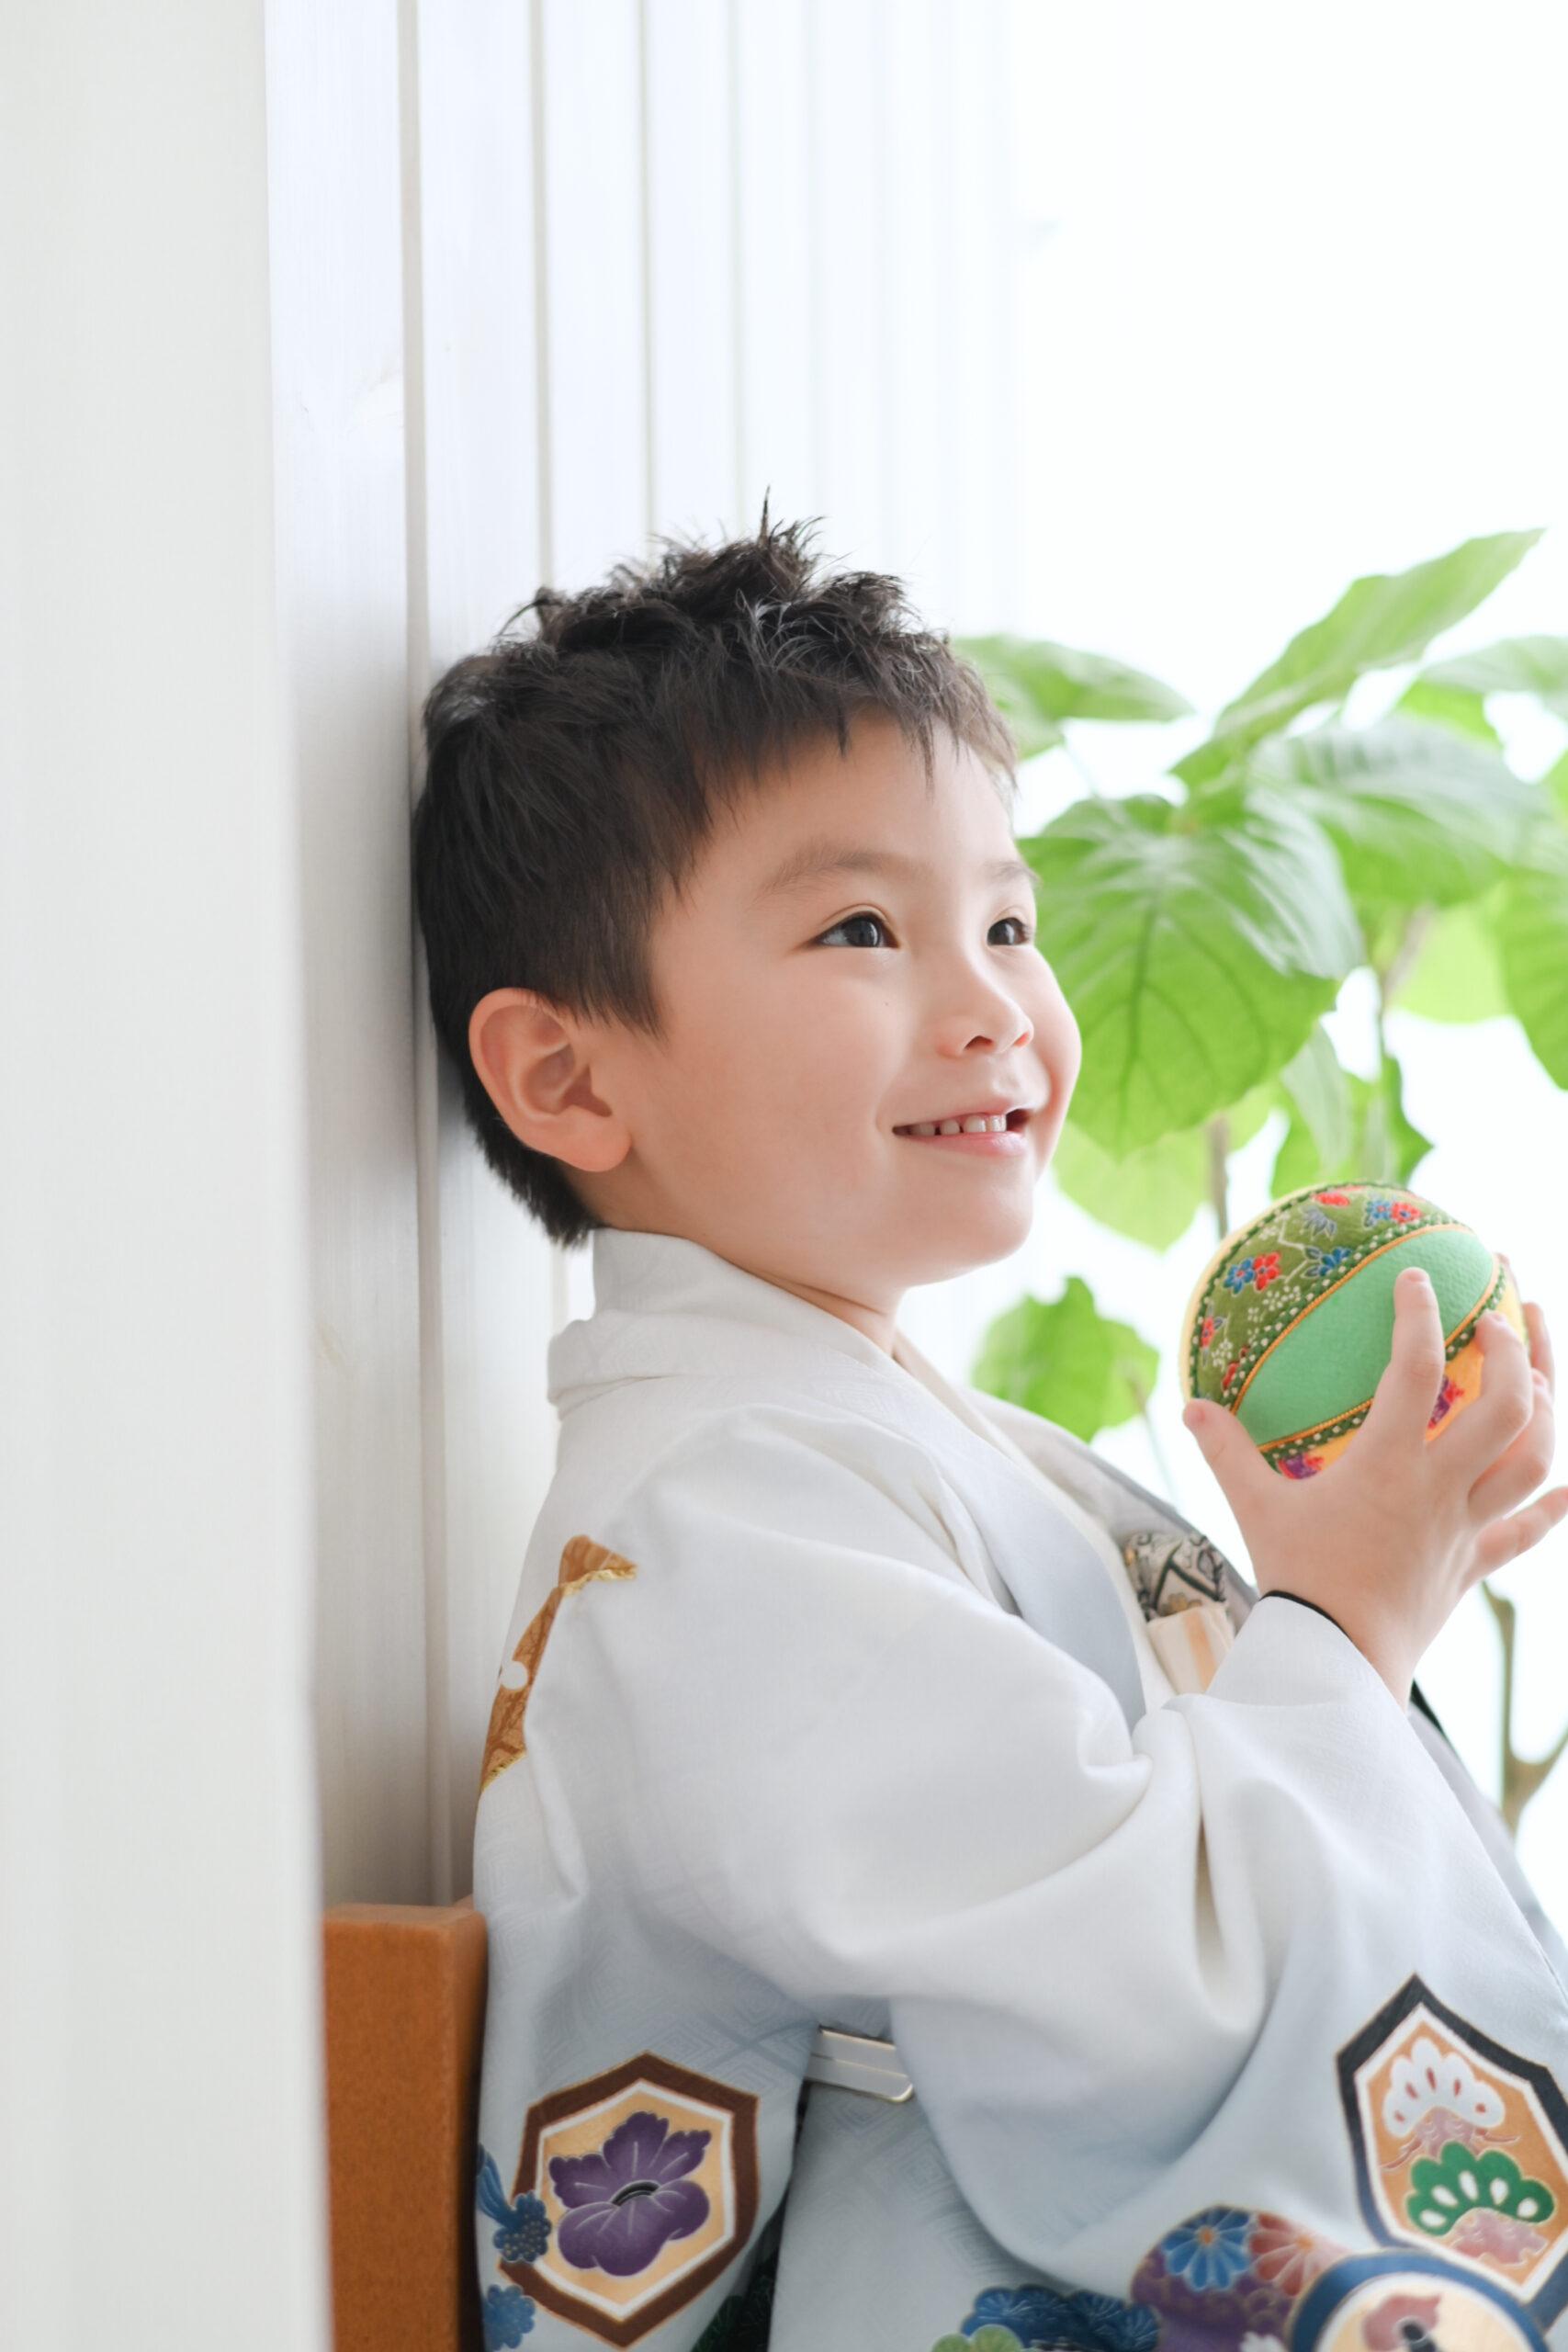 七五三撮影5歳の男の子がボールを持って笑ってる